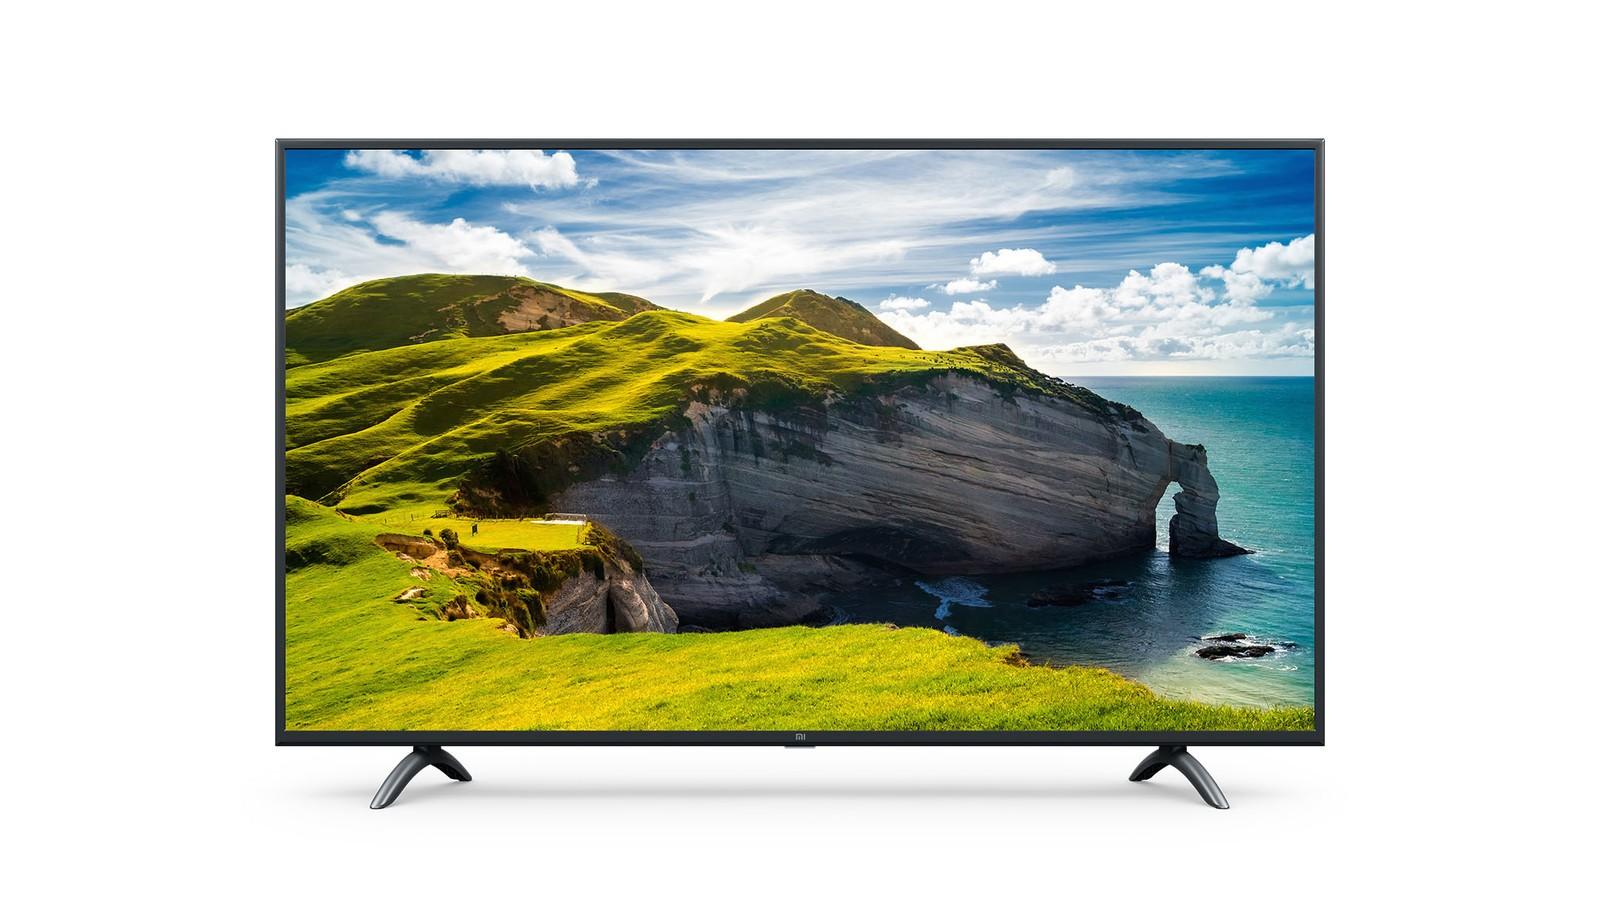 Xiaomi Mi TV 4X Pro et 4A Pro : le téléviseur 4K HDR à partir de 40 000 roupies (490 euros)